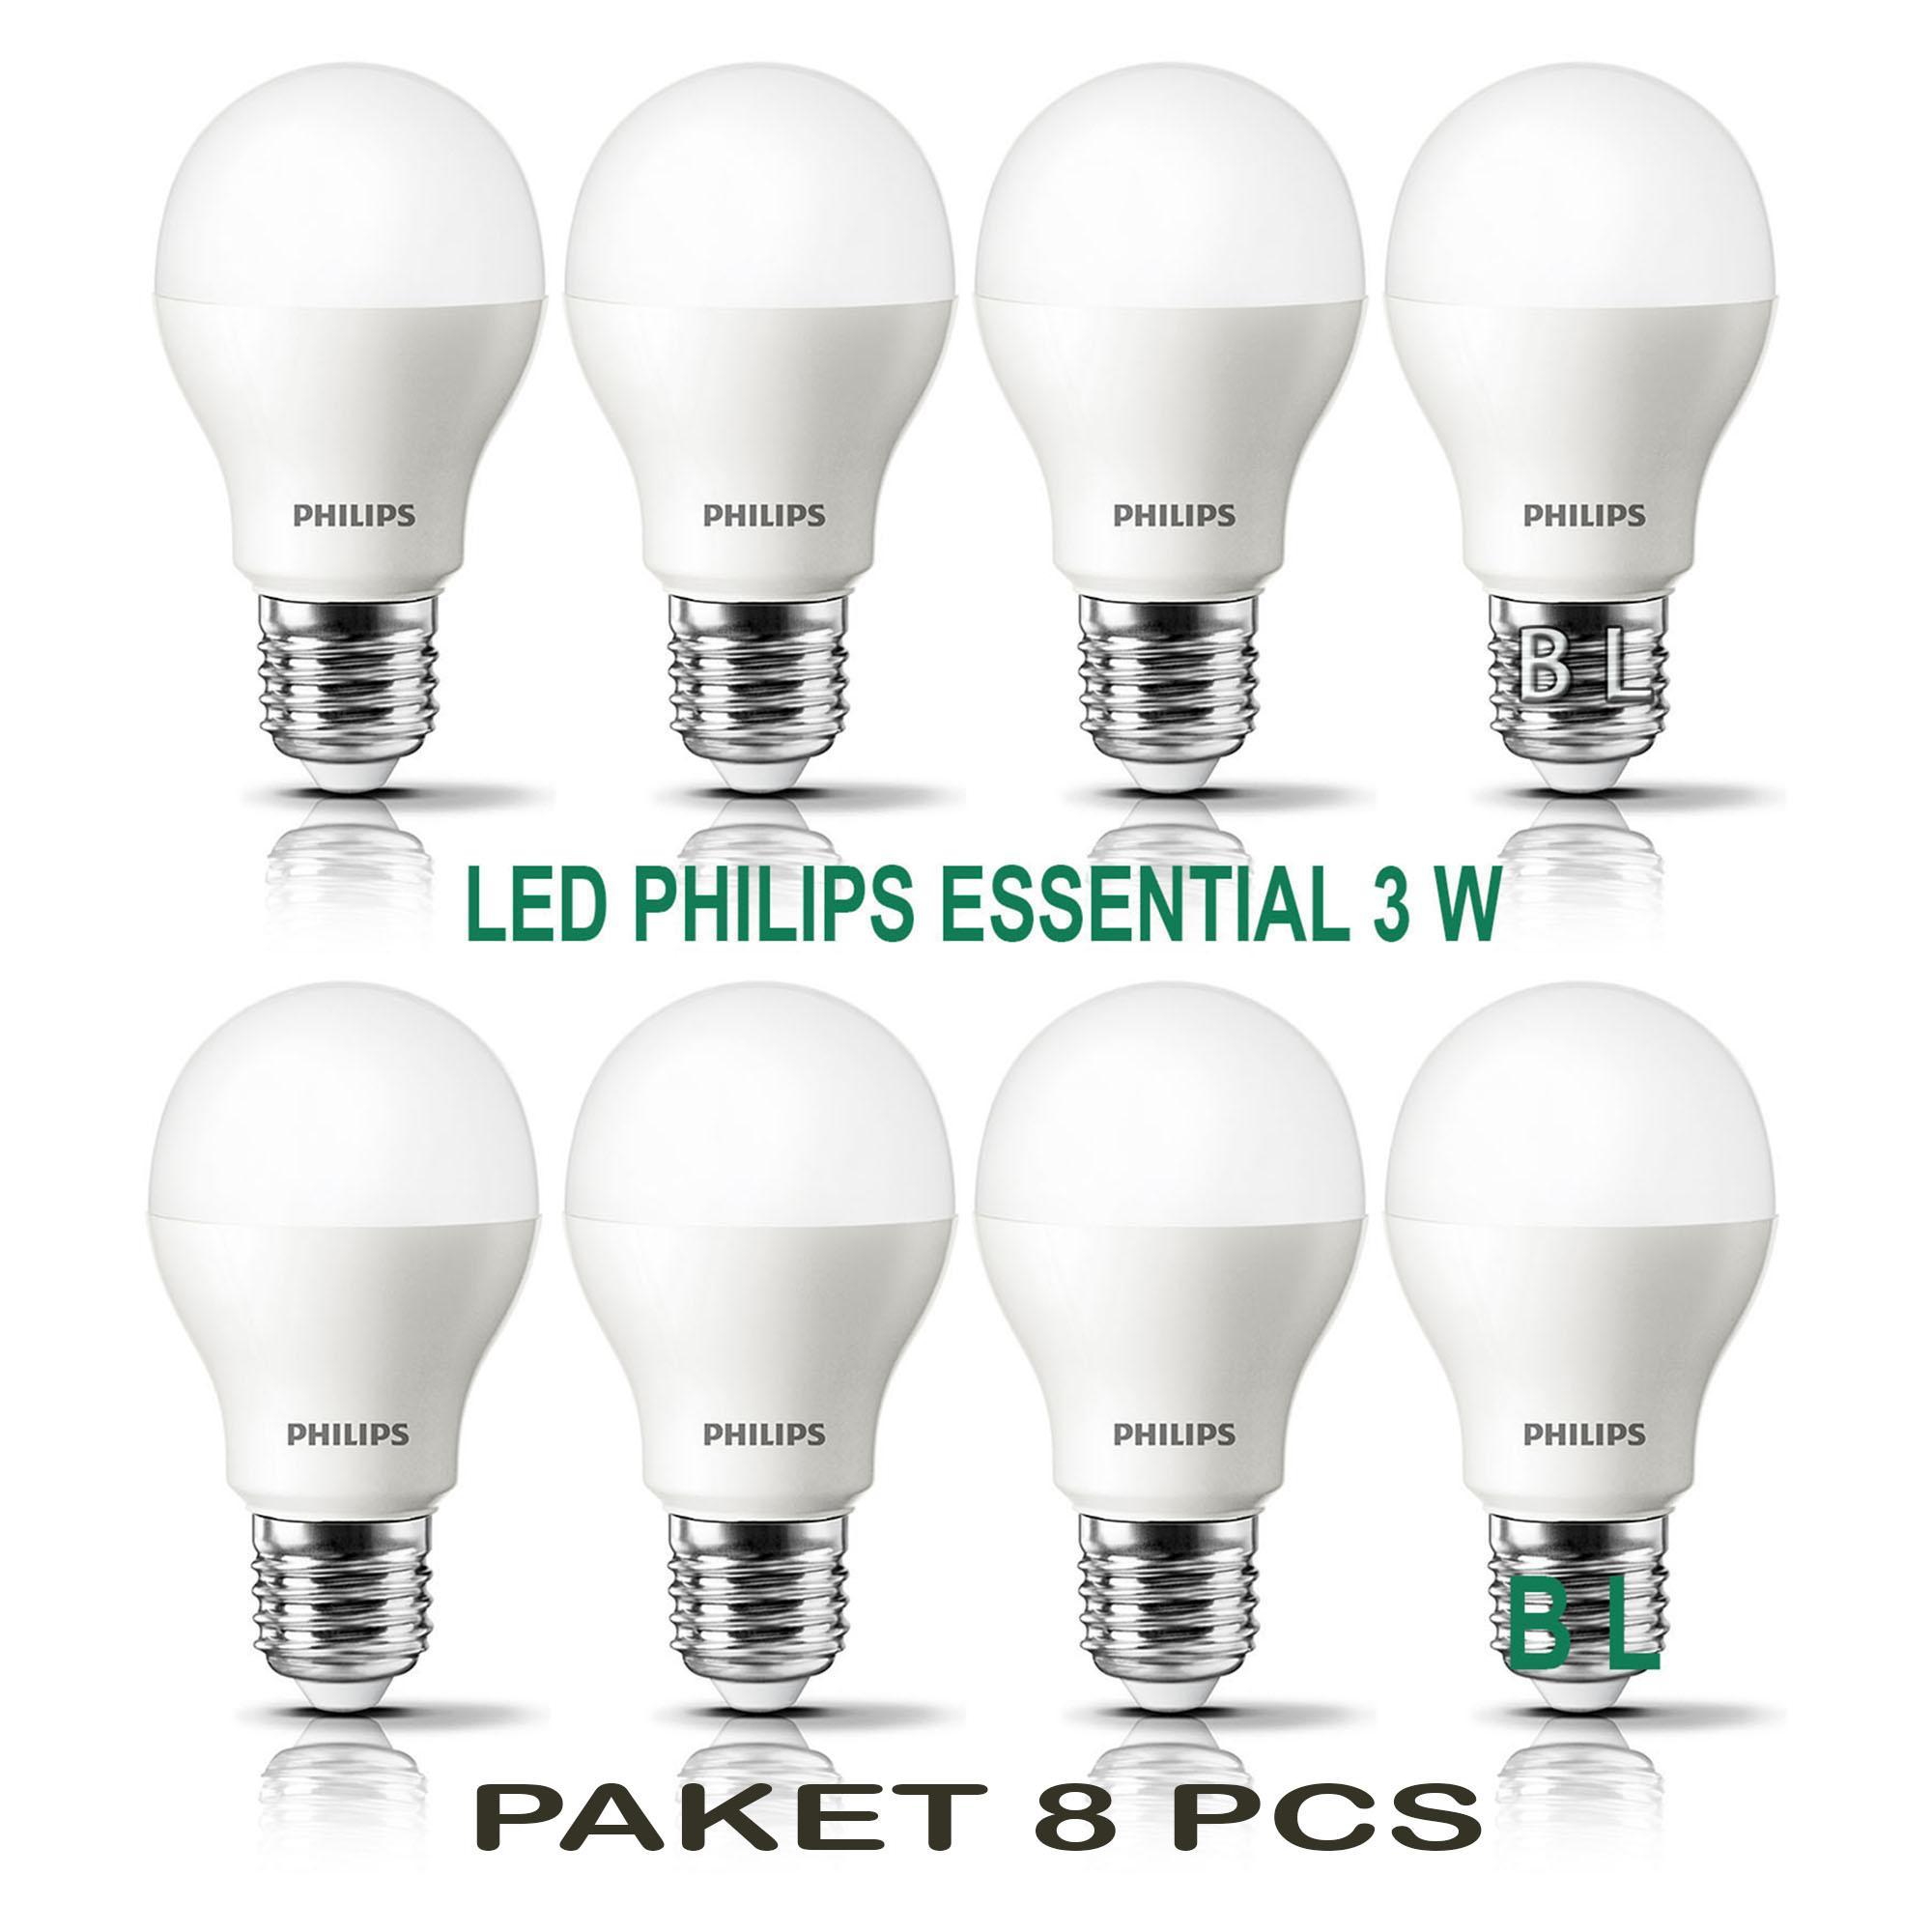 PHILIPS Lampu Led Bulb ESSENTIAL 3W 3Wat 3 W 3 Watt (PAKET 8 PCS)